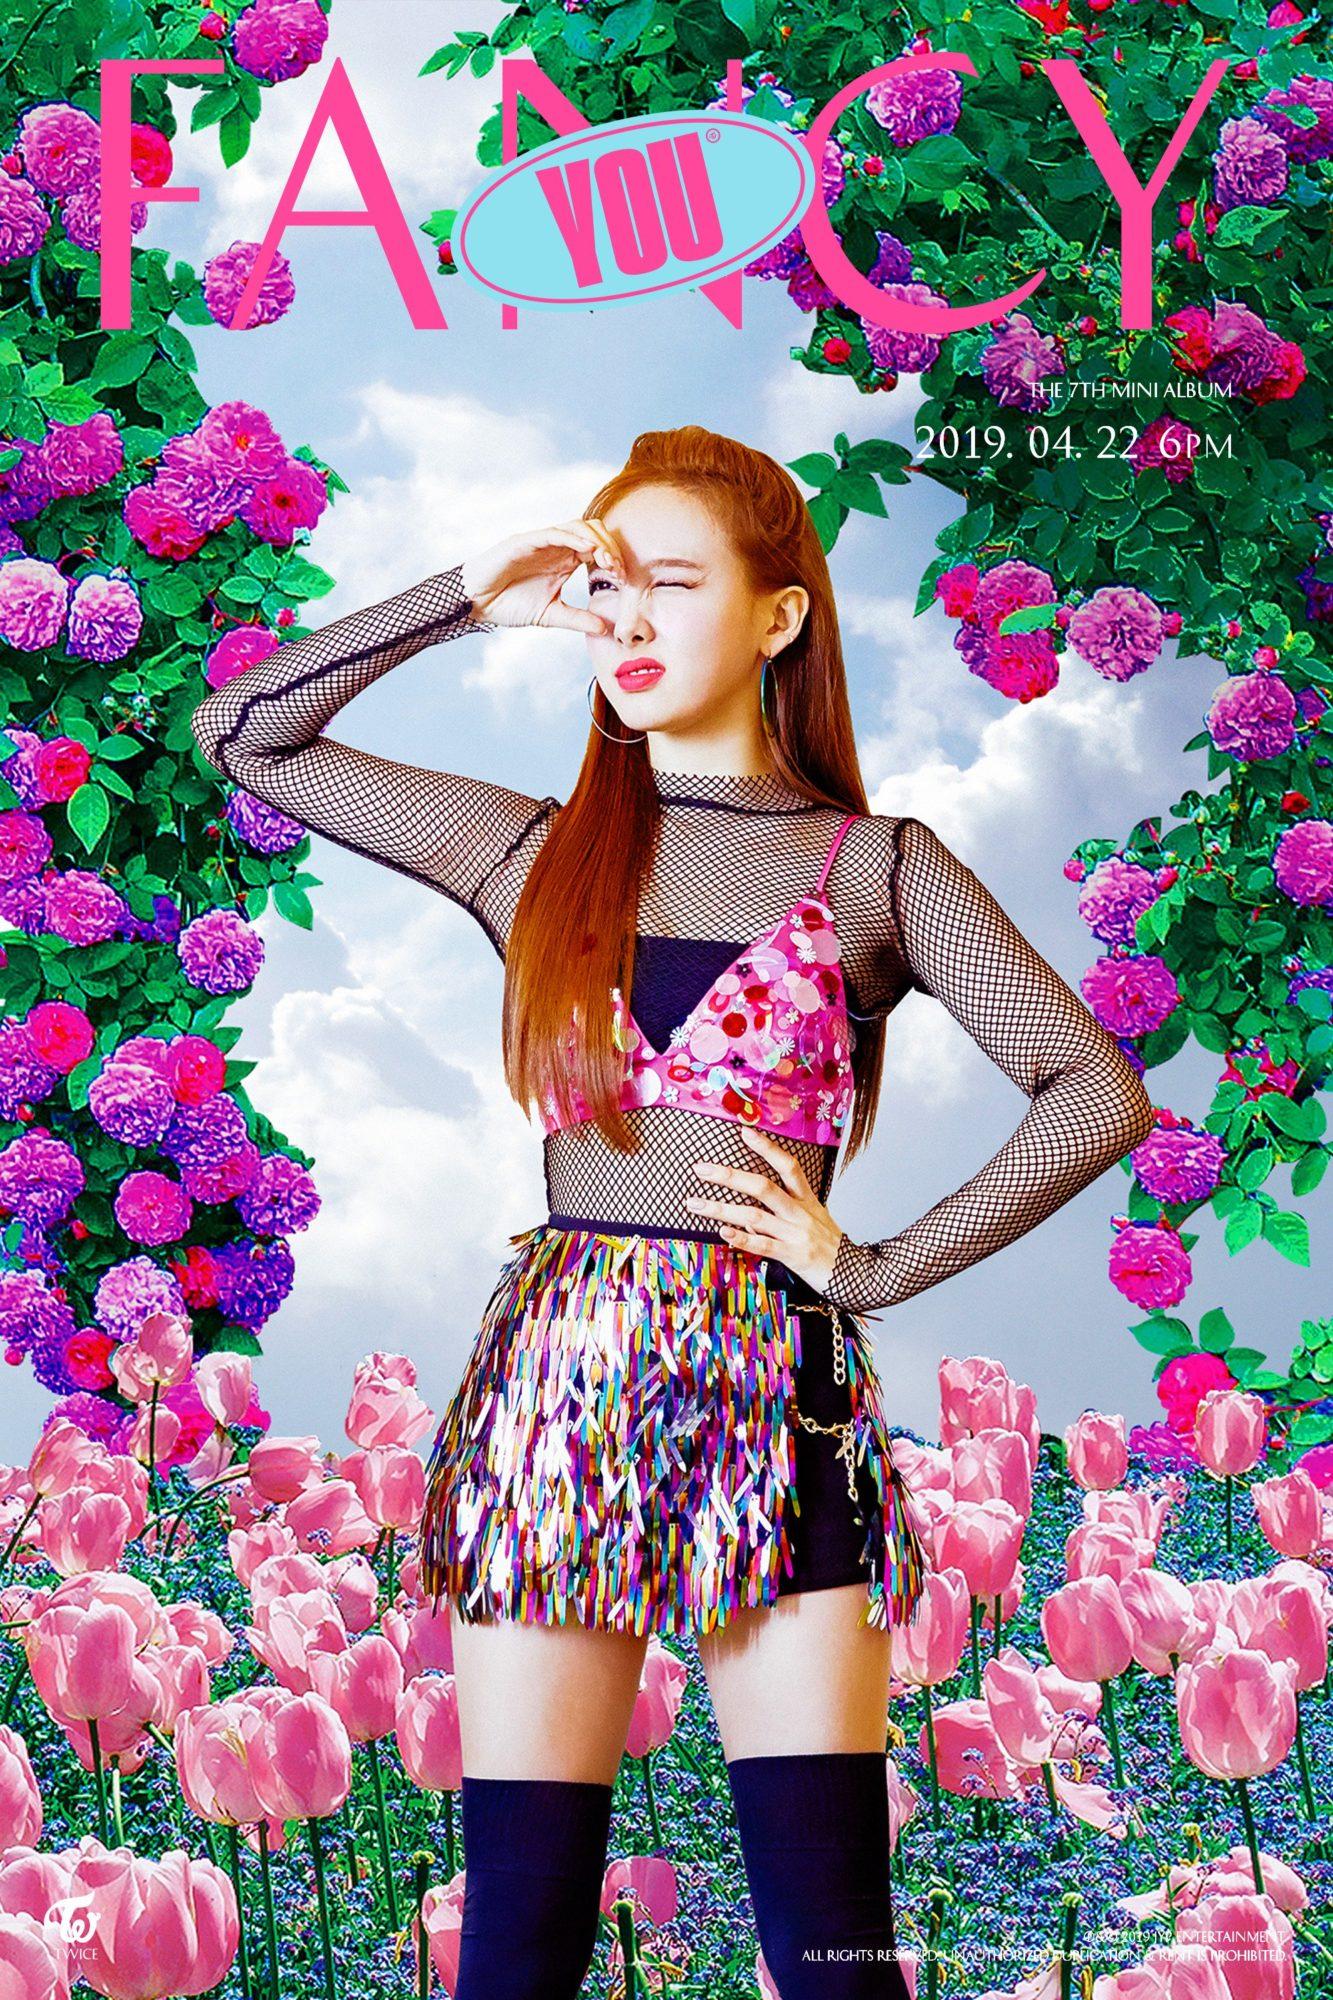 Twice Nayeon Fancy You Teaser